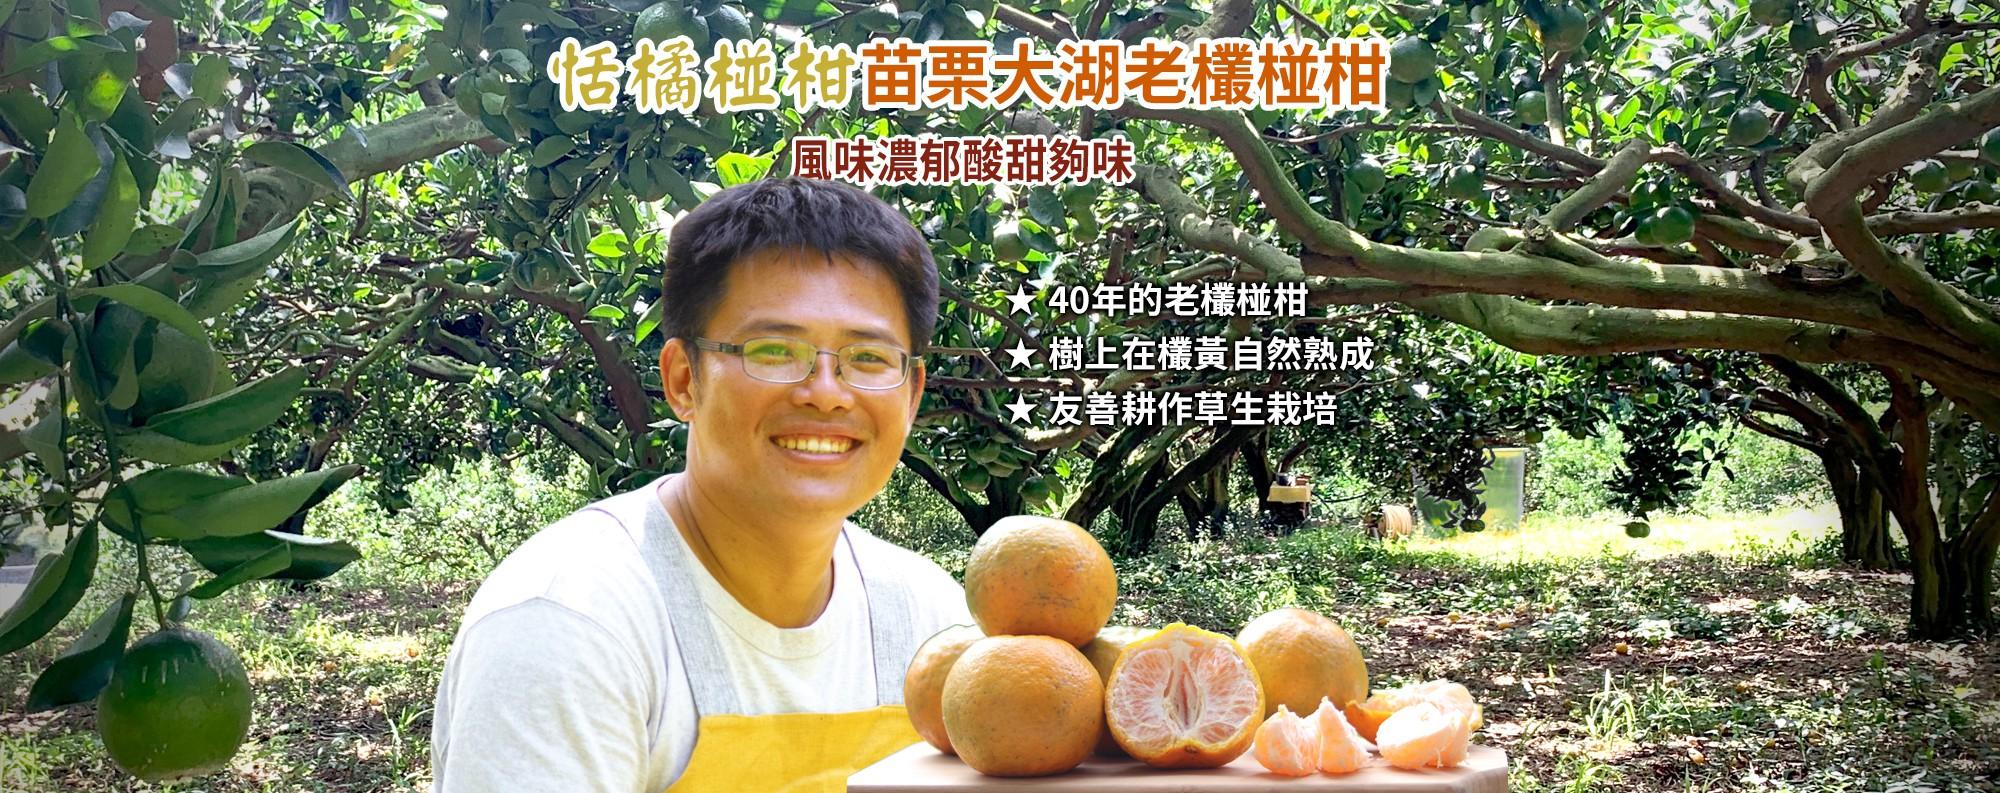 【恬橘椪柑】苗栗大湖老欉椪柑